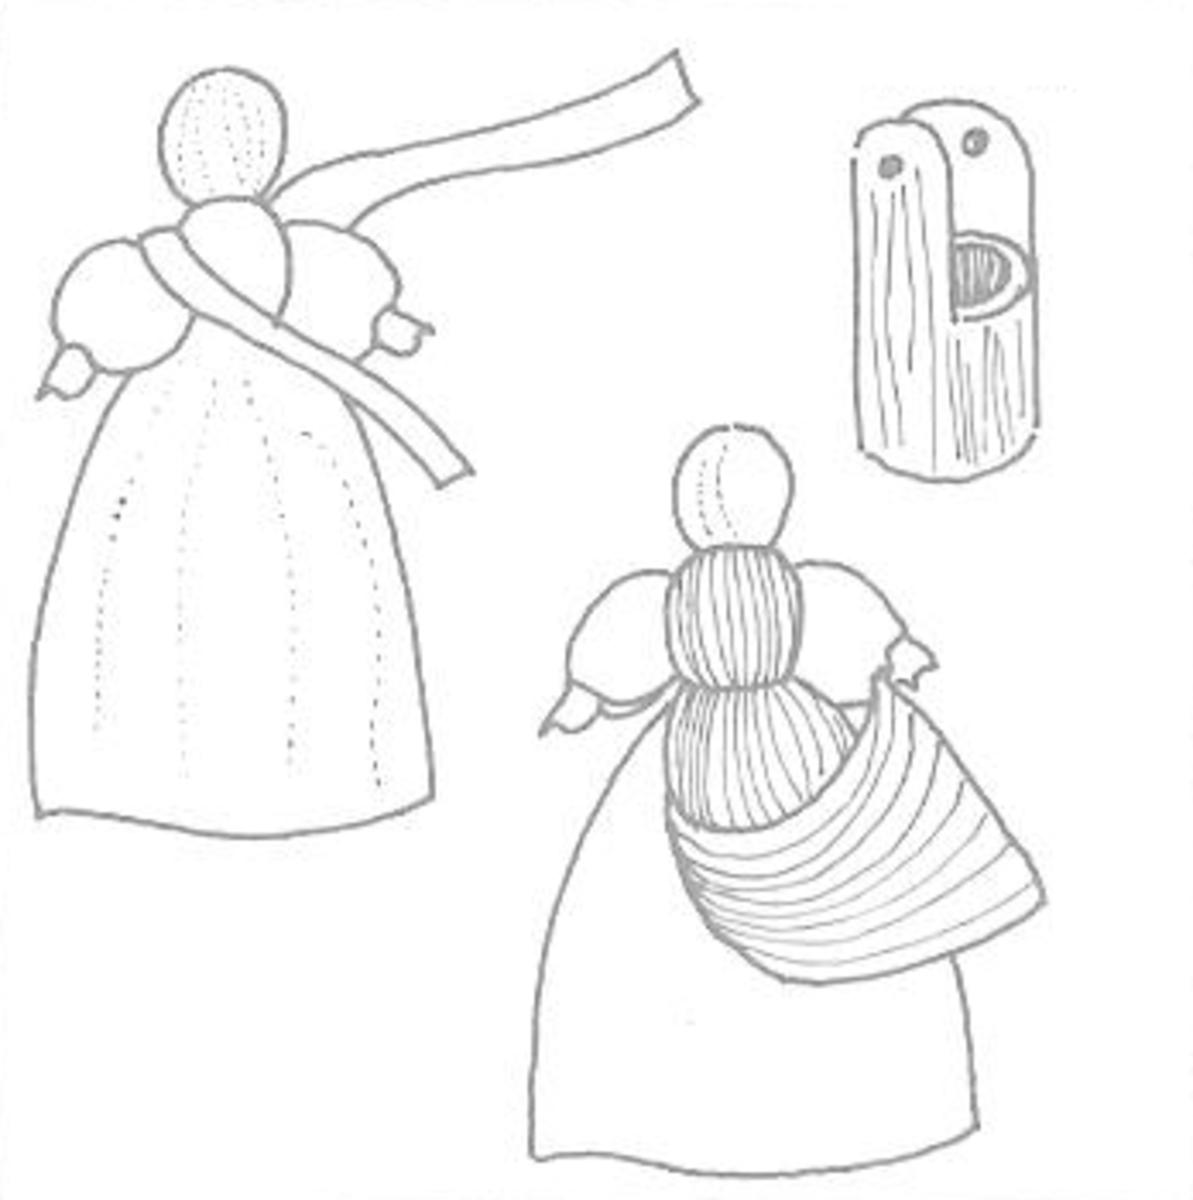 Figure 6 (left) & Figure 7 (right) & Figure 8 (top)